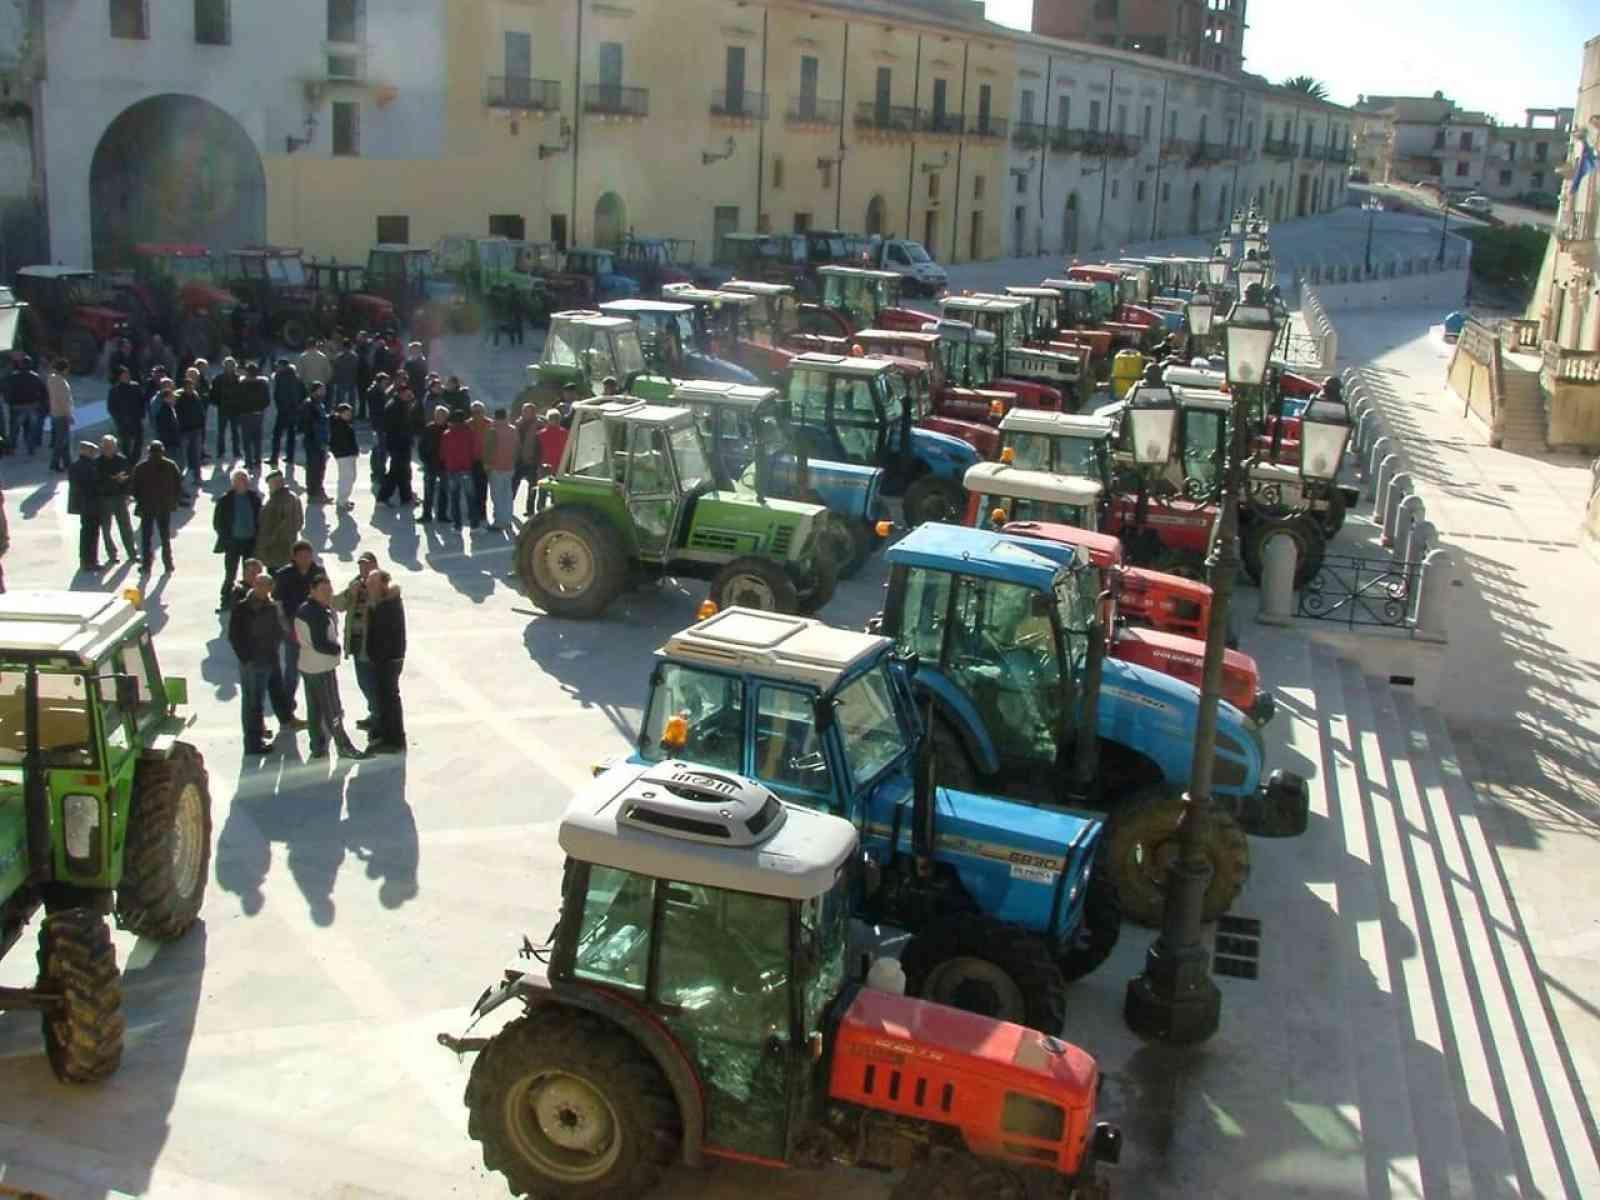 Immagine articolo: Agricoltura al collasso e vendite sotto costo. Domani sera protesta degli agricoltori a Santa Margherita